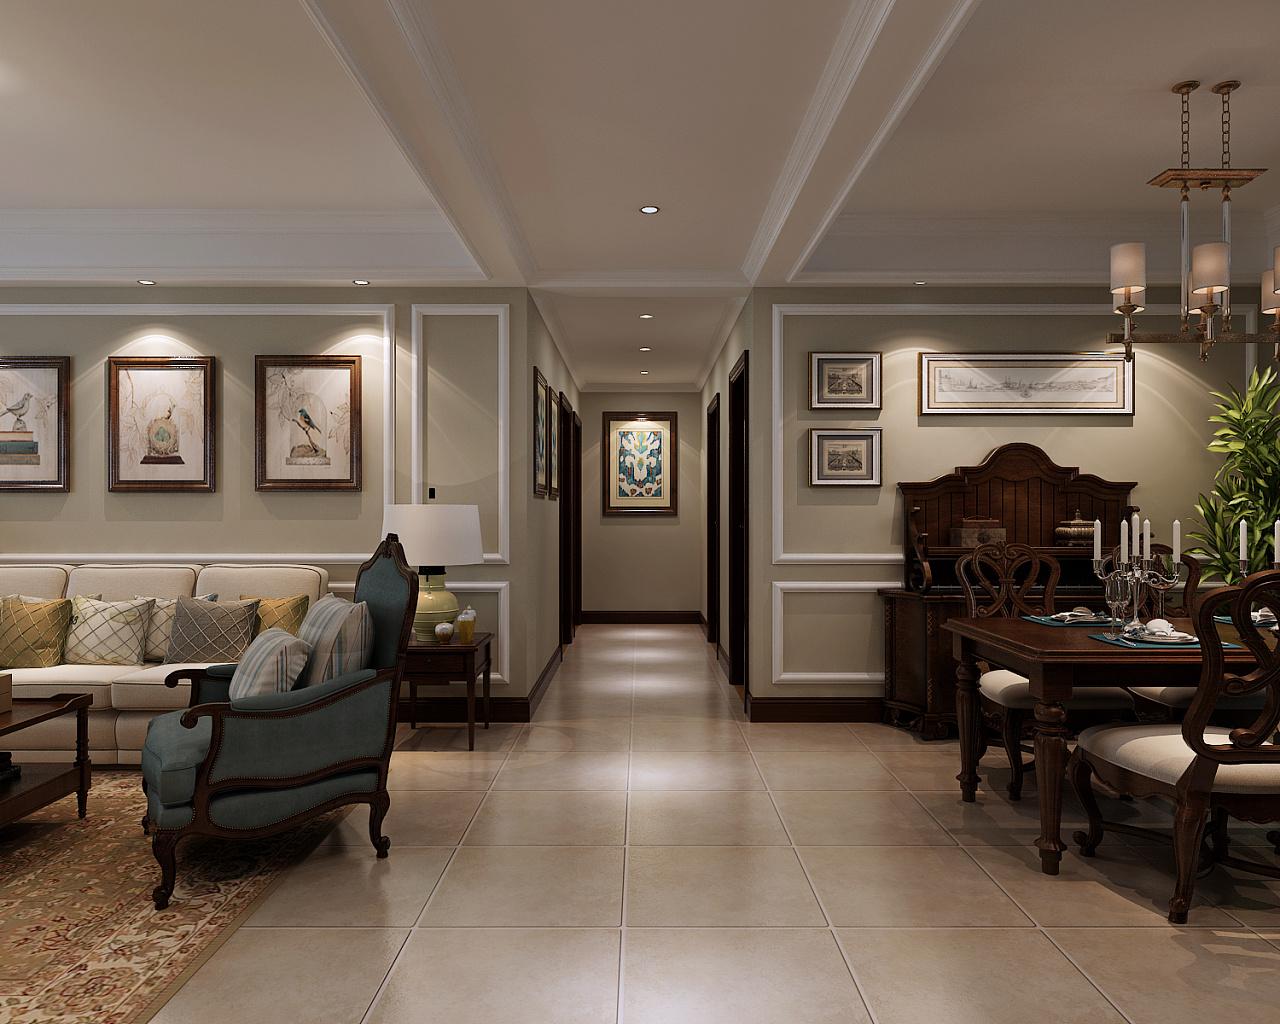 金舍装饰-保利花园134平米装修效果图-美式风格-三居室装修